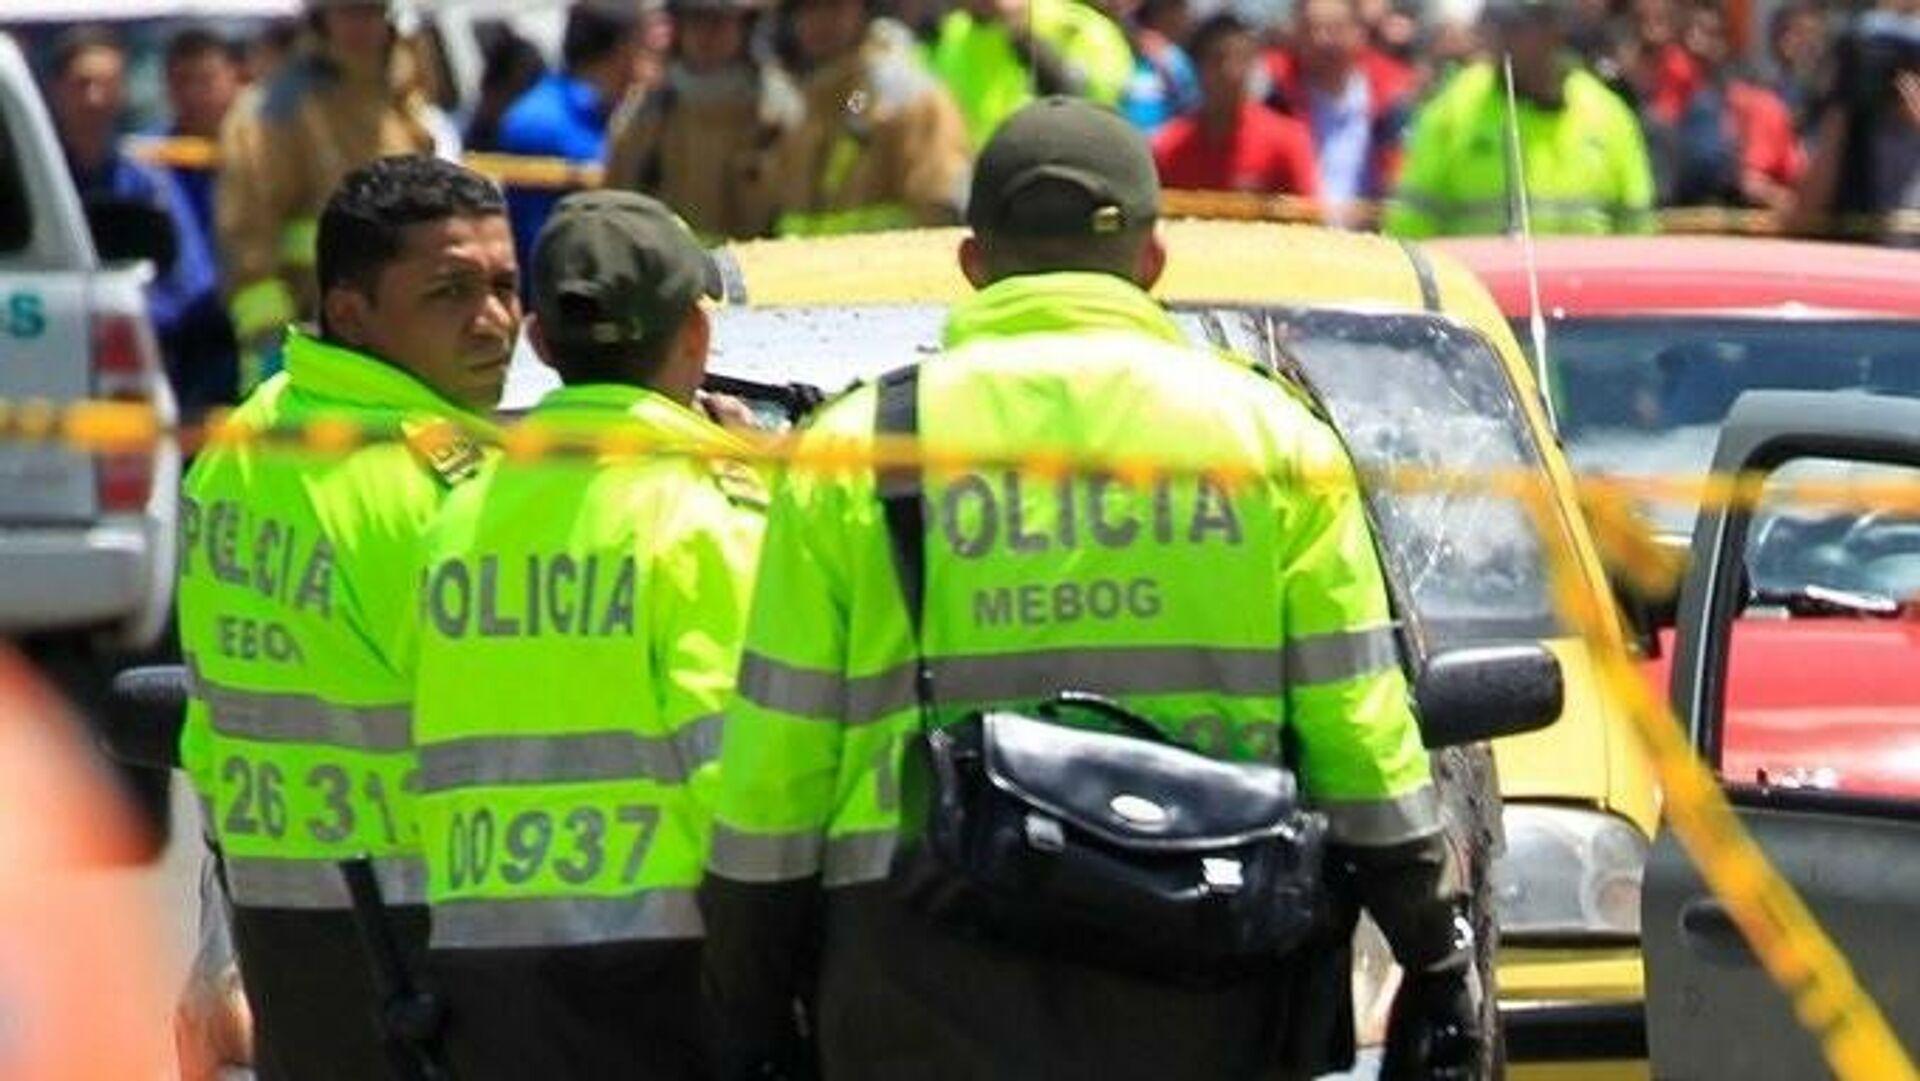 Policía de Colombia - Sputnik Mundo, 1920, 12.10.2021